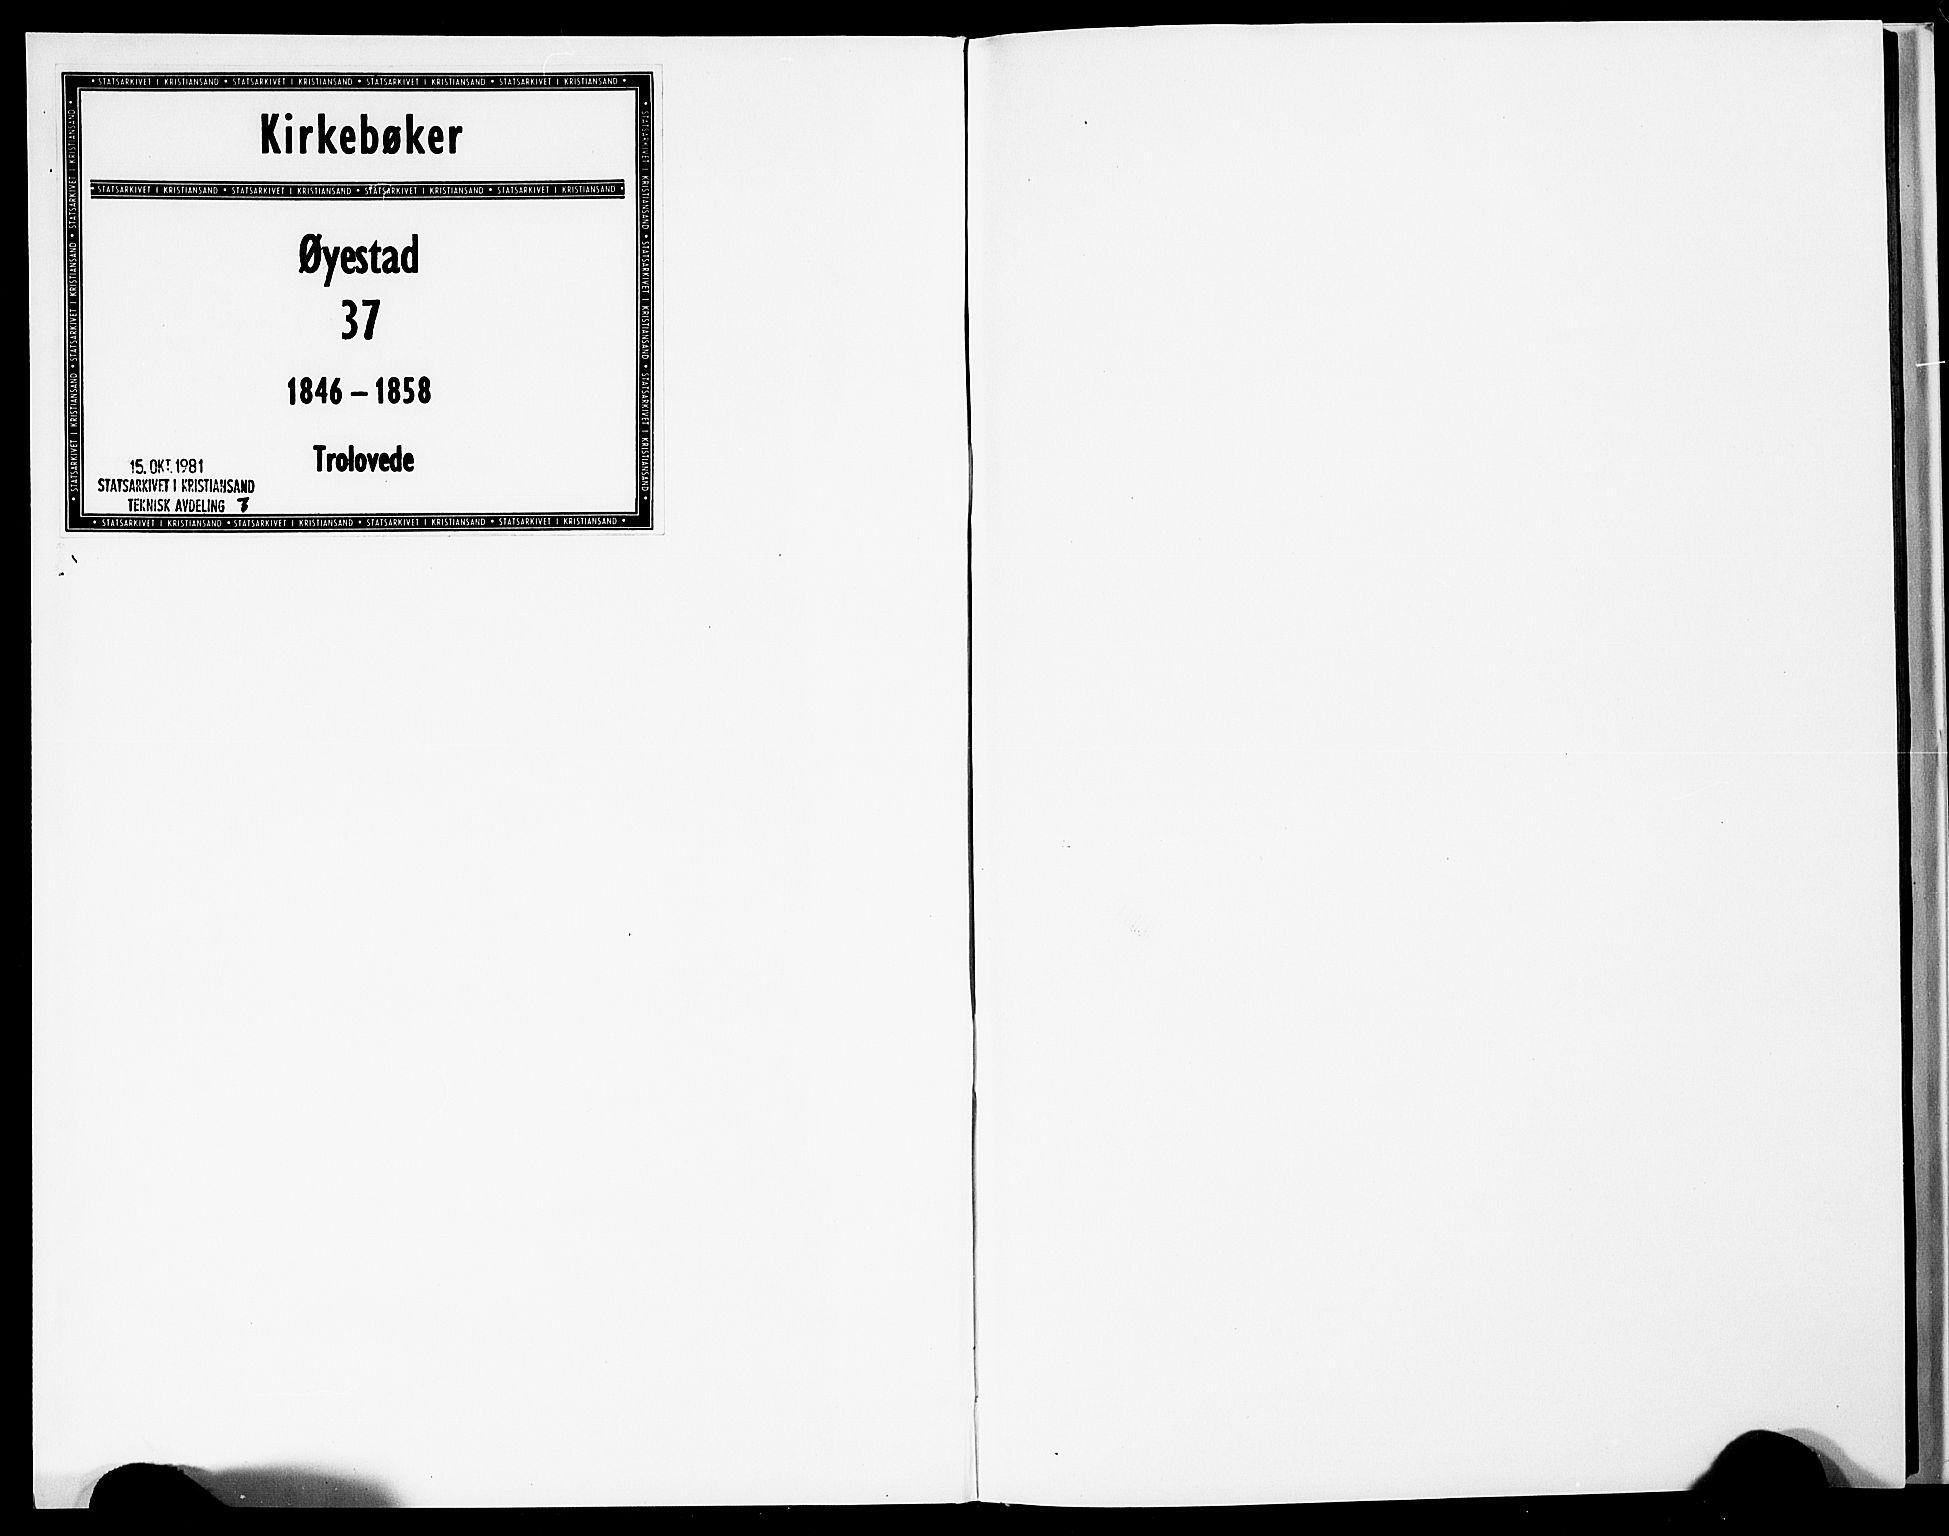 SAK, Øyestad sokneprestkontor, F/Fe/L0003: Forlovererklæringer nr. A VI 21, 1846-1858